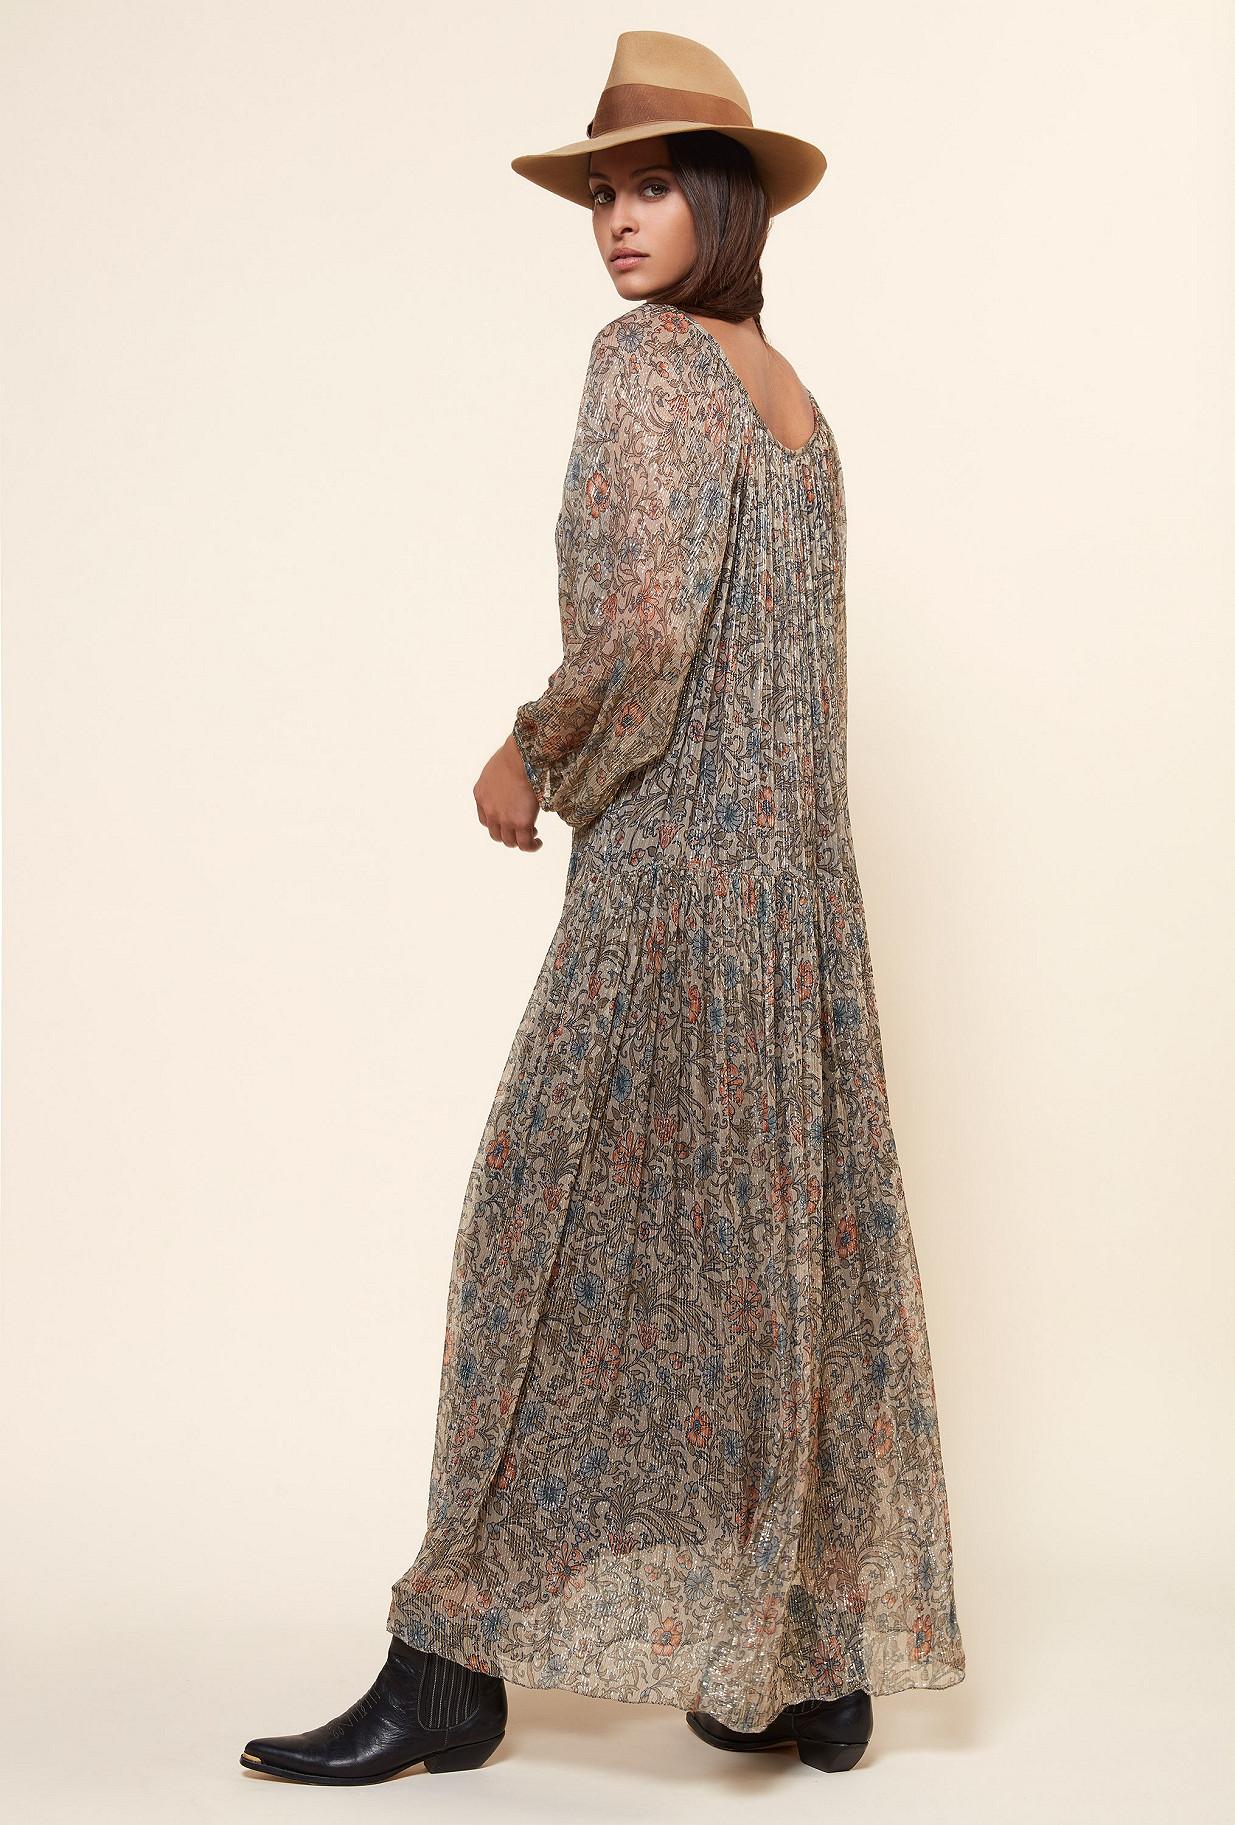 Floral print  Dress  Greta Mes demoiselles fashion clothes designer Paris